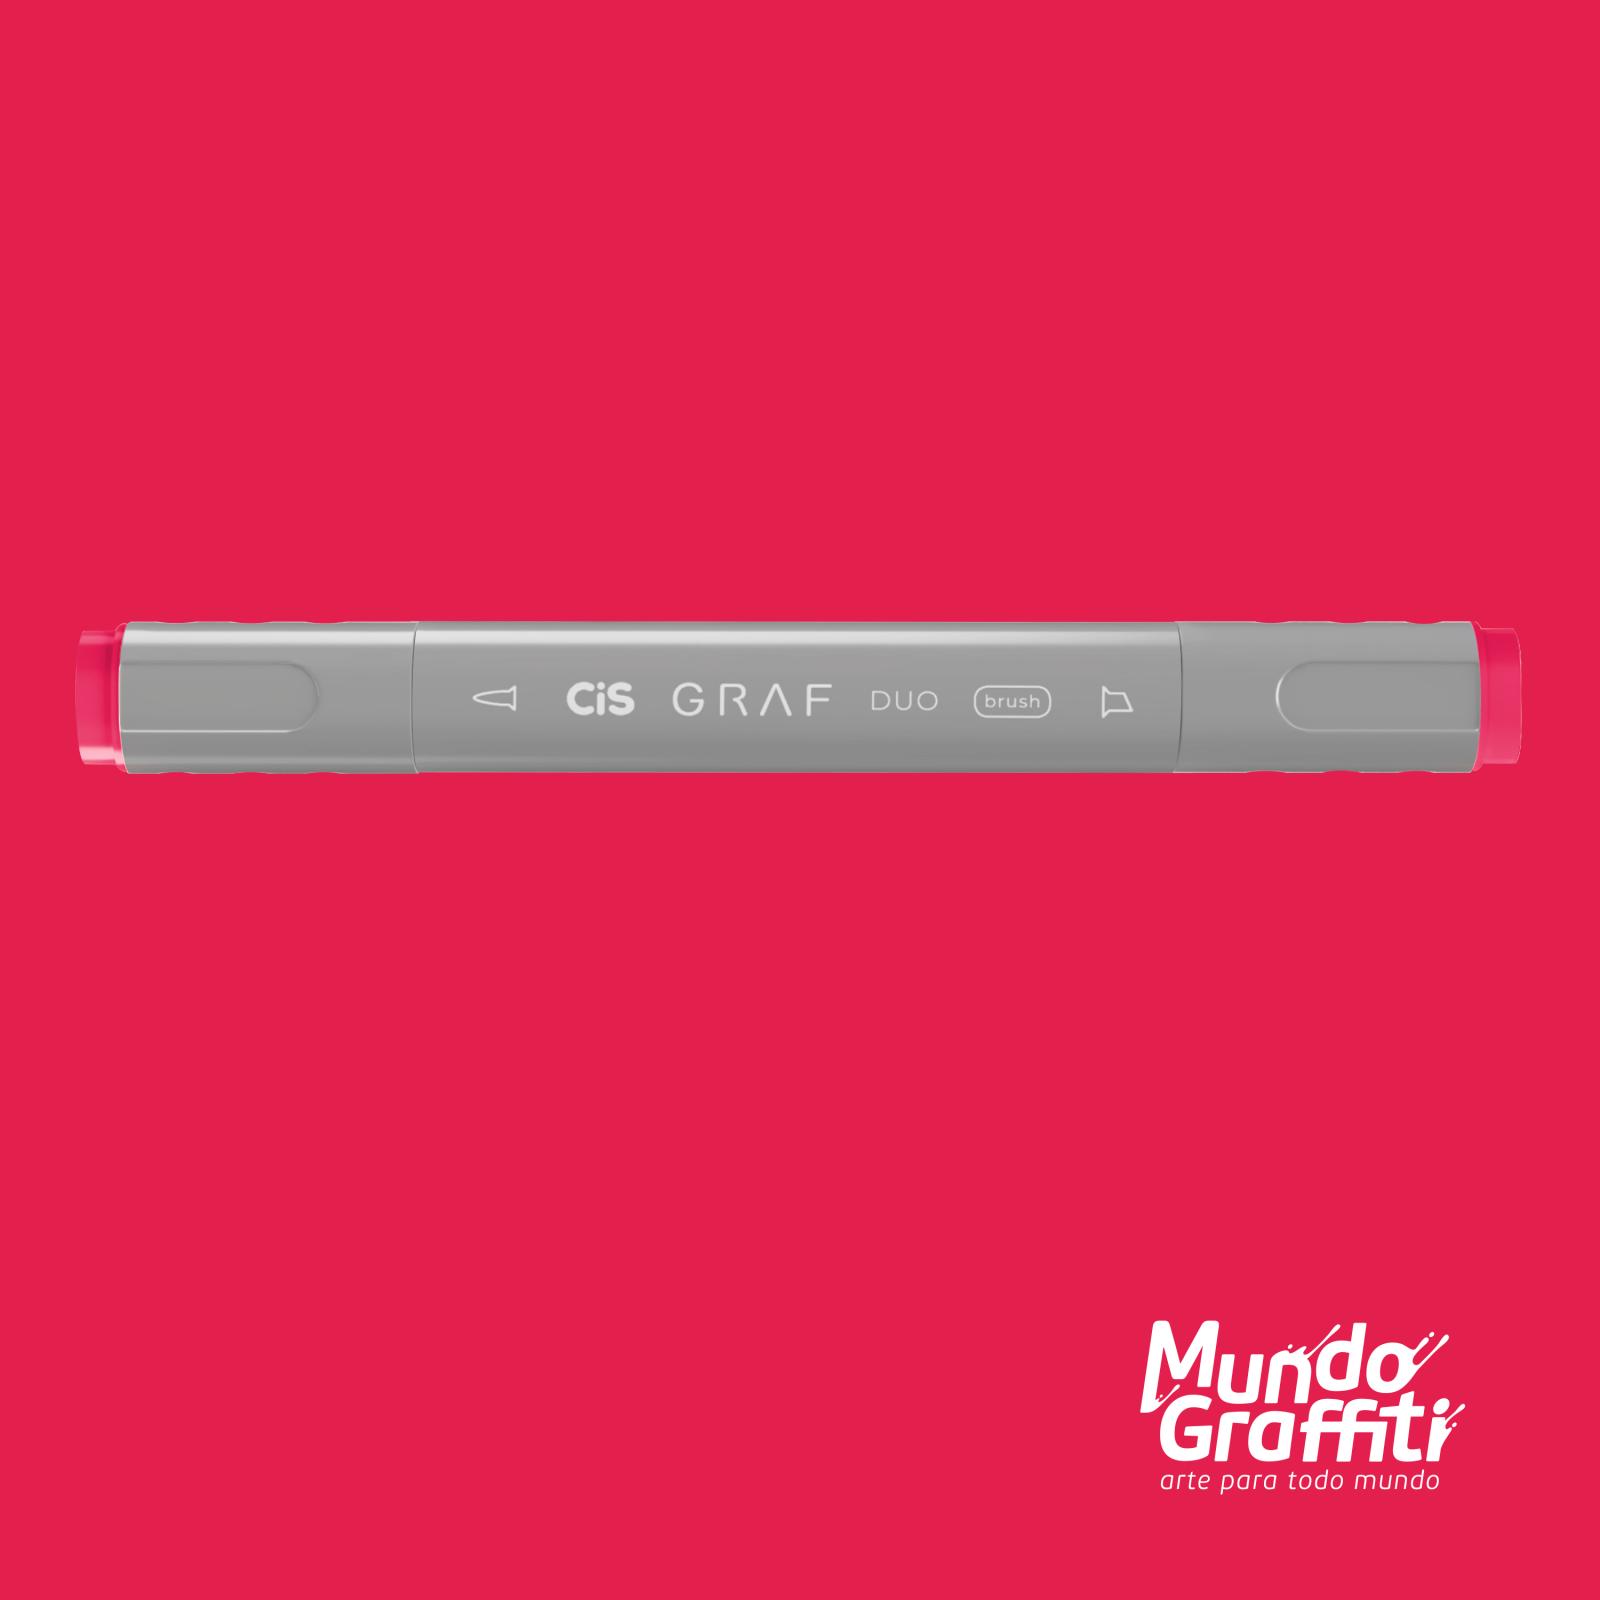 Marcador Cis Graf Duo Brush Carmine 11 - Mundo Graffiti